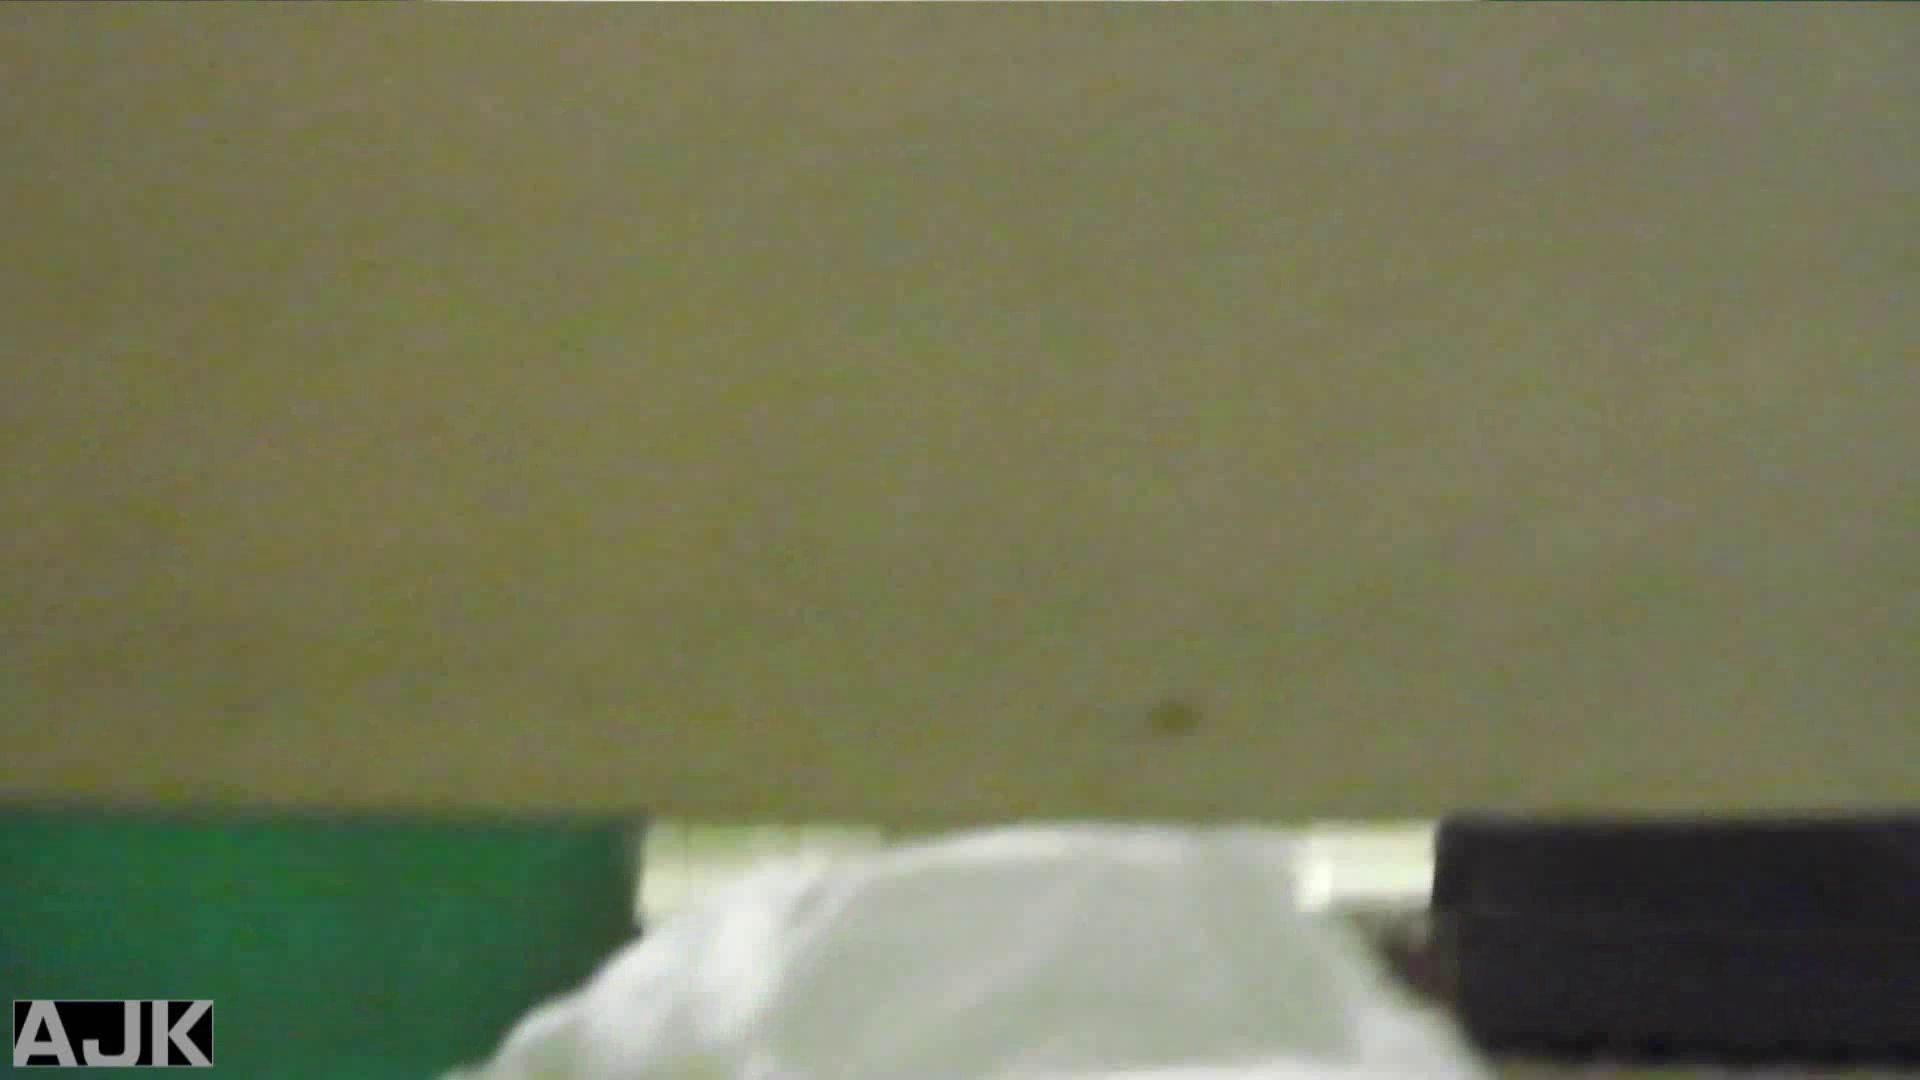 隣国上階級エリアの令嬢たちが集うデパートお手洗い Vol.16 洗面所のぞき アダルト動画キャプチャ 91枚 2